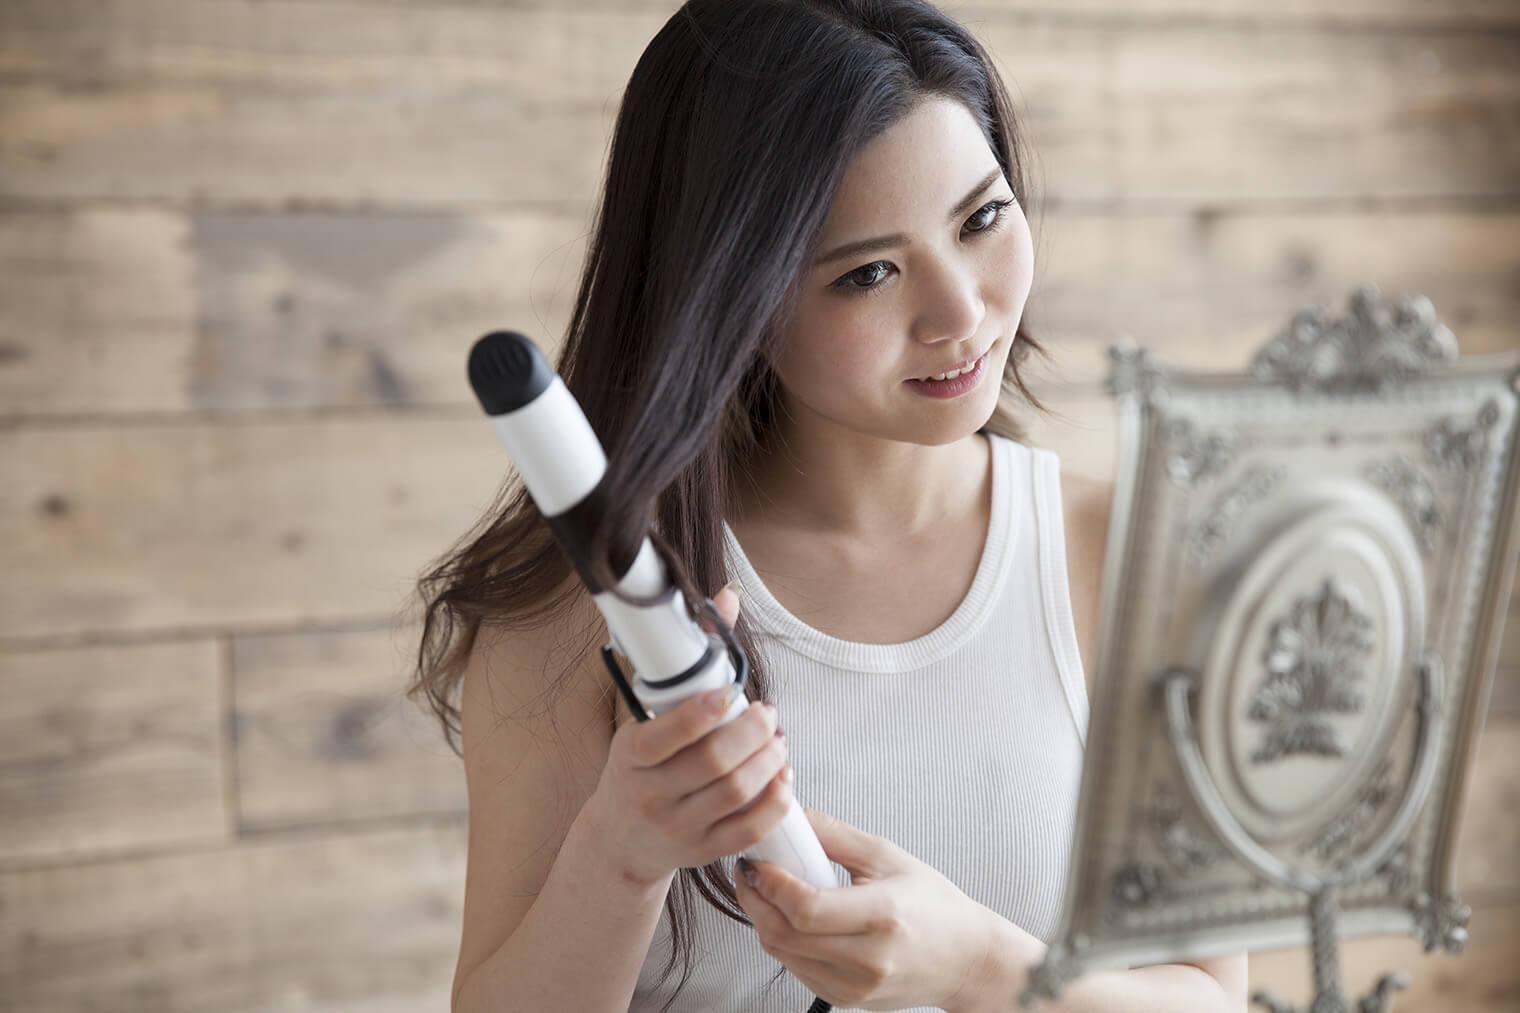 美顔器や脱毛器など美容家電の置き場に困る!みんなの収納アイデア